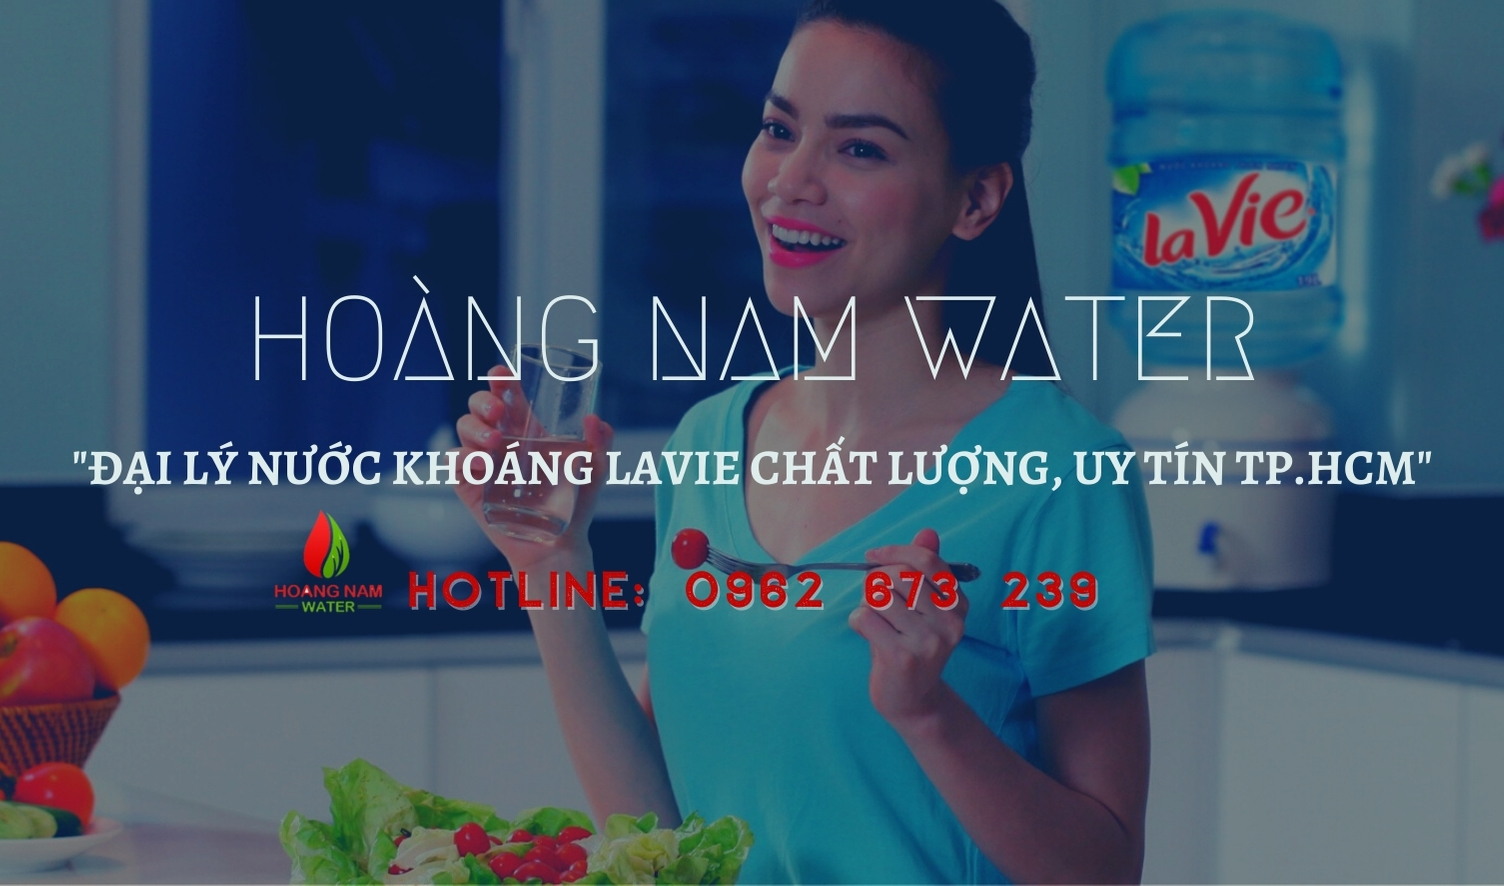 Hoàng Nam water